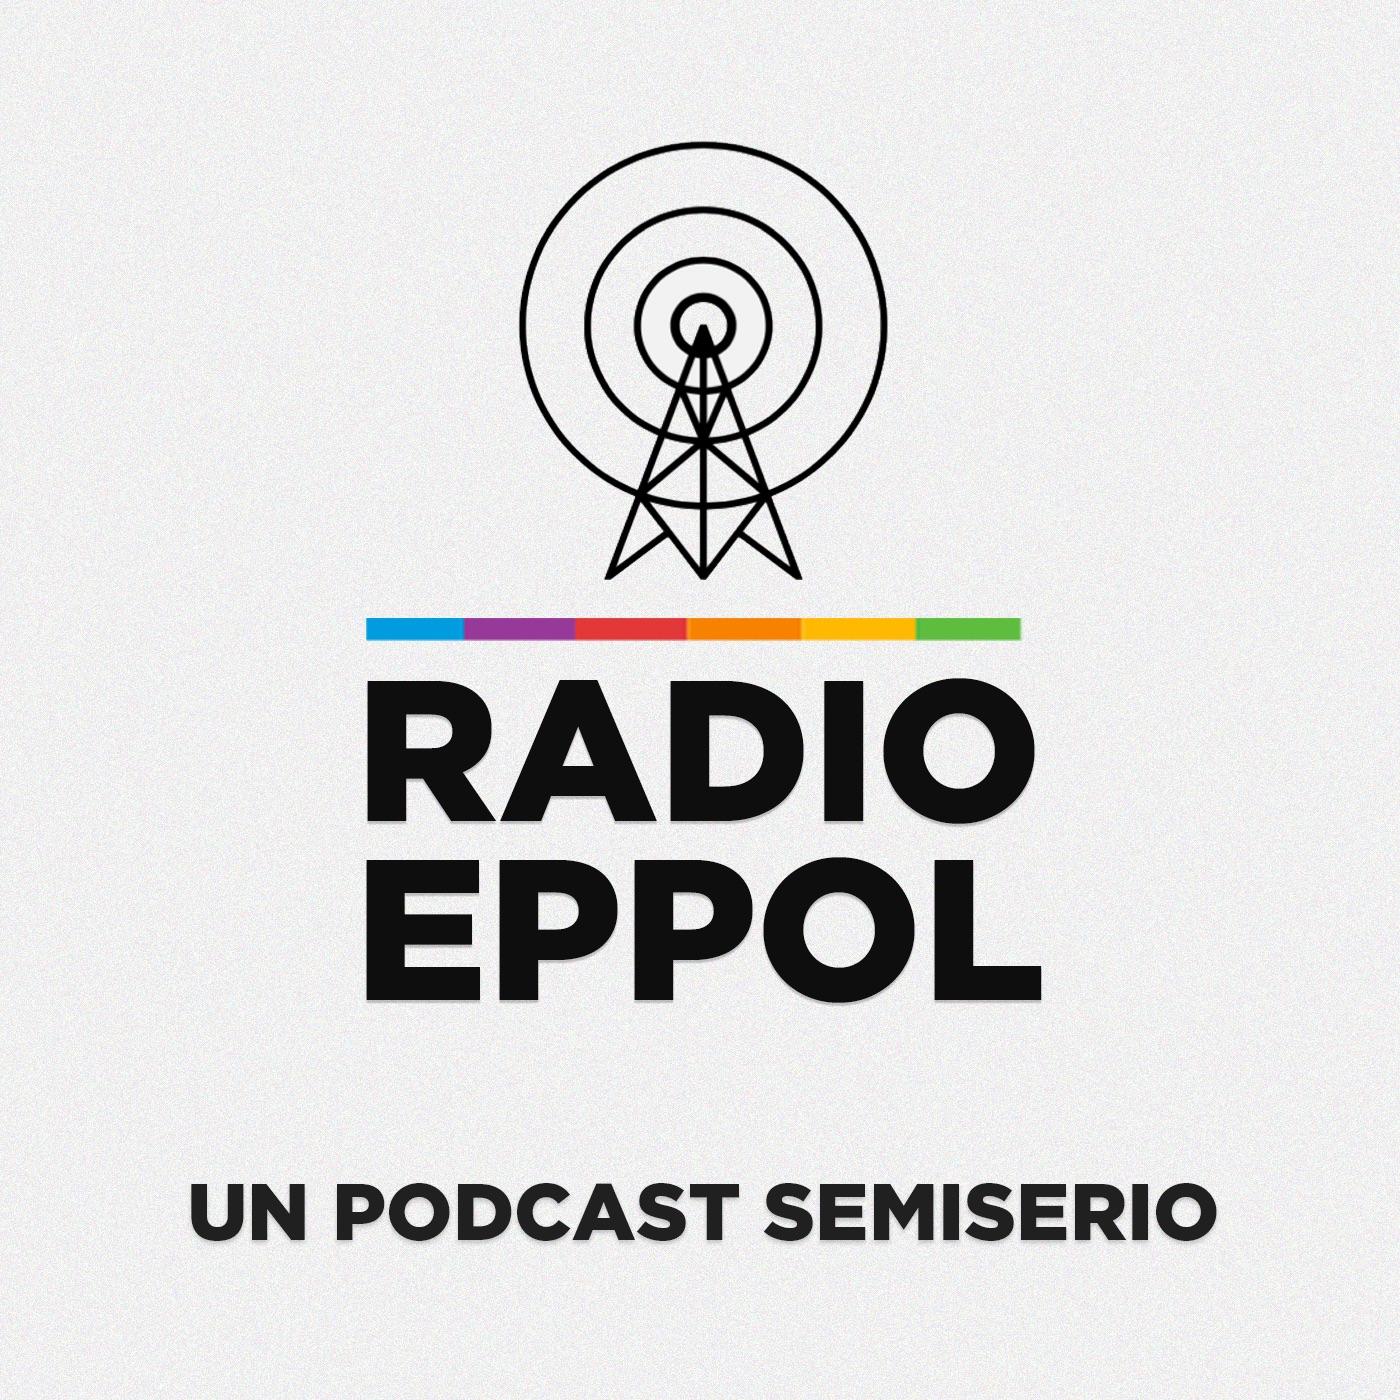 Radio Eppol